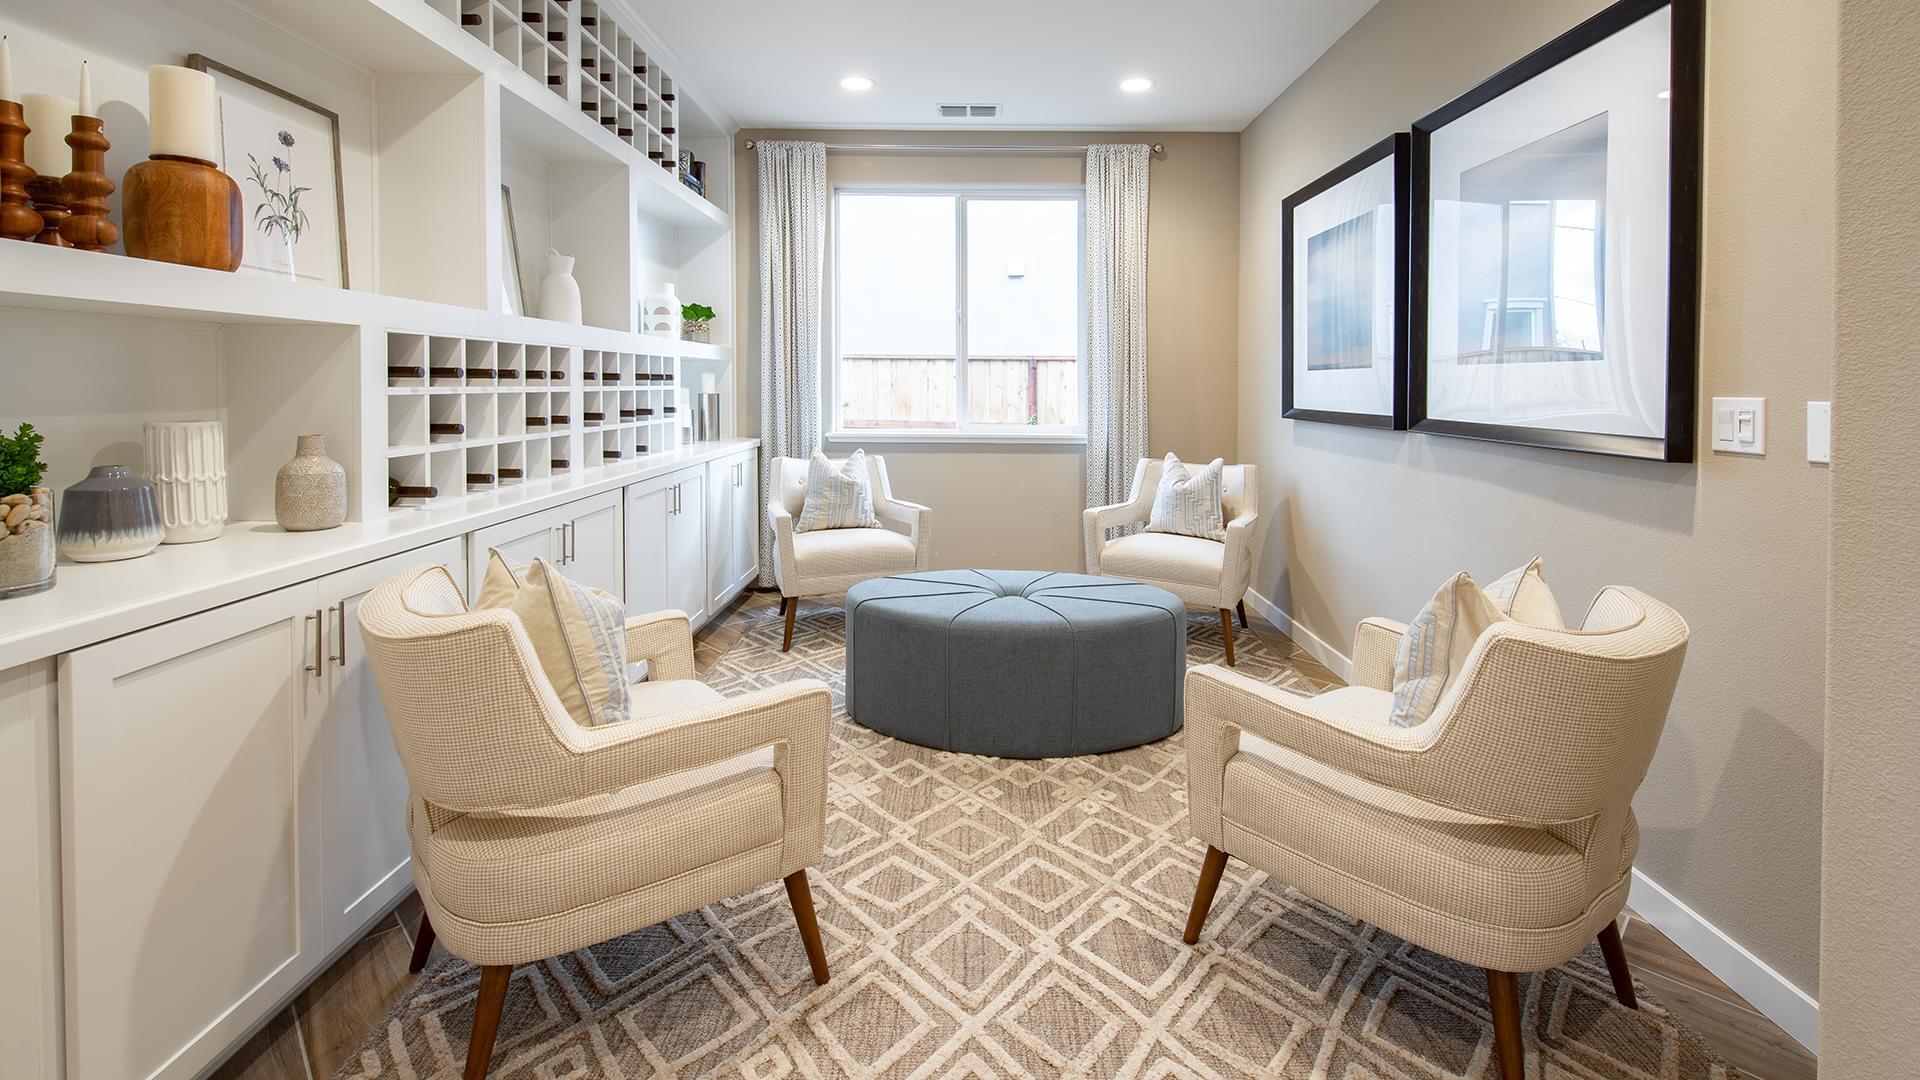 Residence 3 Flex Room